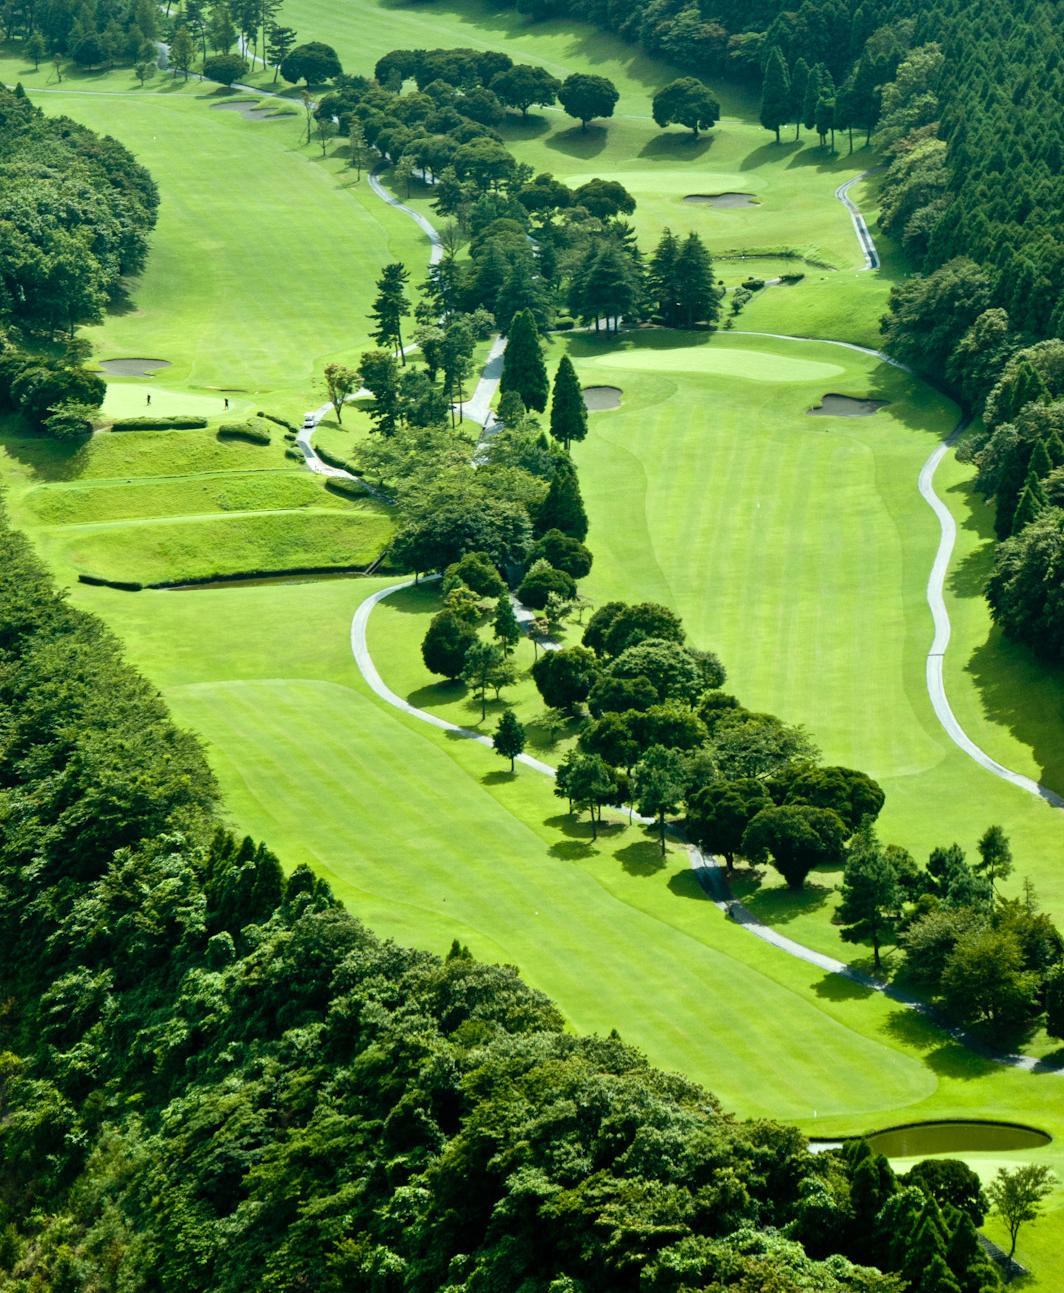 ゴルフコースでの練習の仕方〜アプローチやパターの練習は少なくありませんか?【UGMゴルフスクールジェクサー亀戸店】